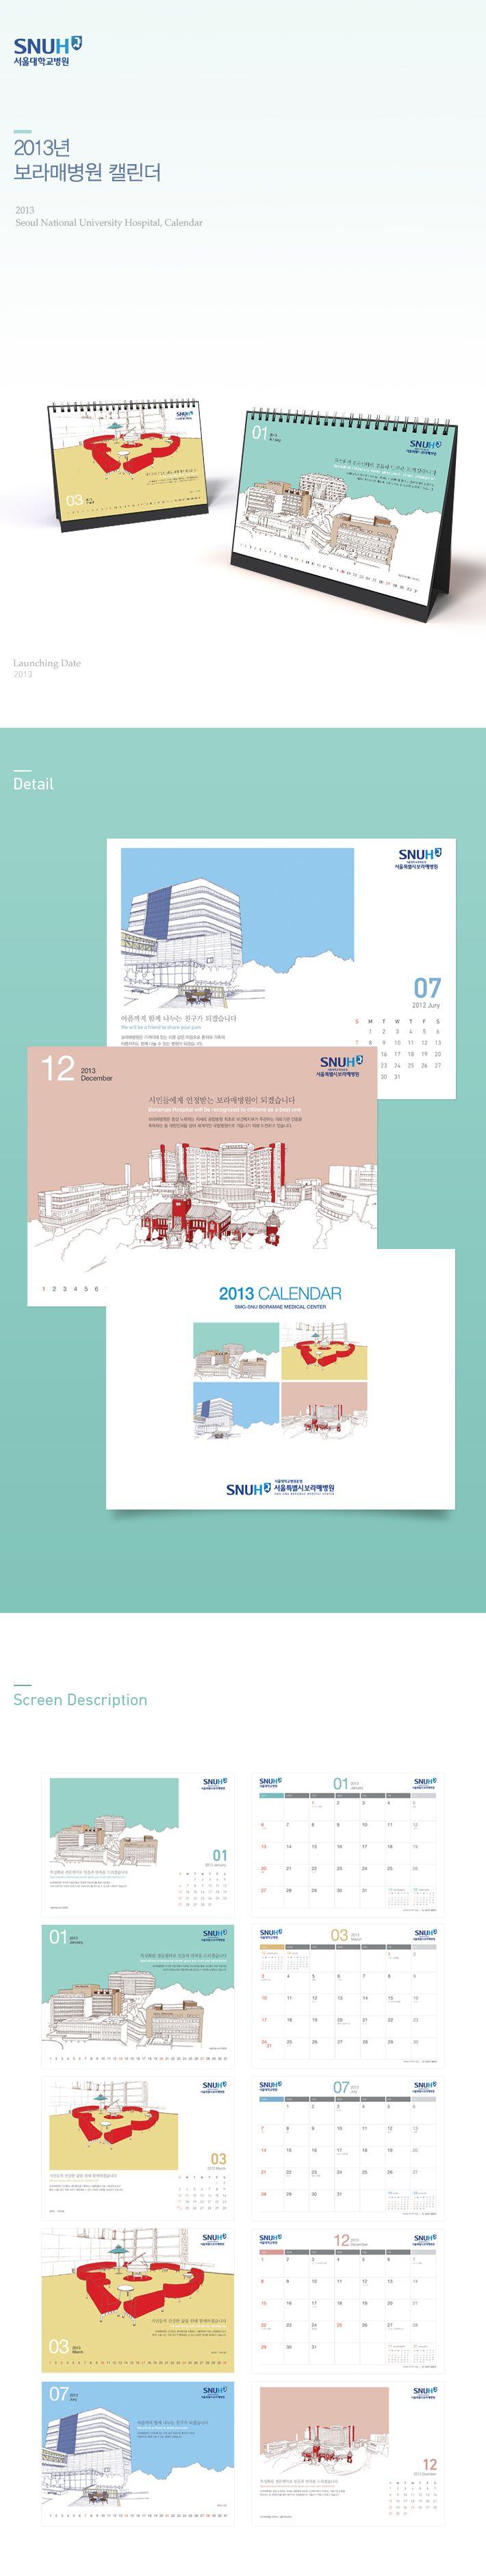 2013 Seoul National Univ. Hospital Calendar #edacom